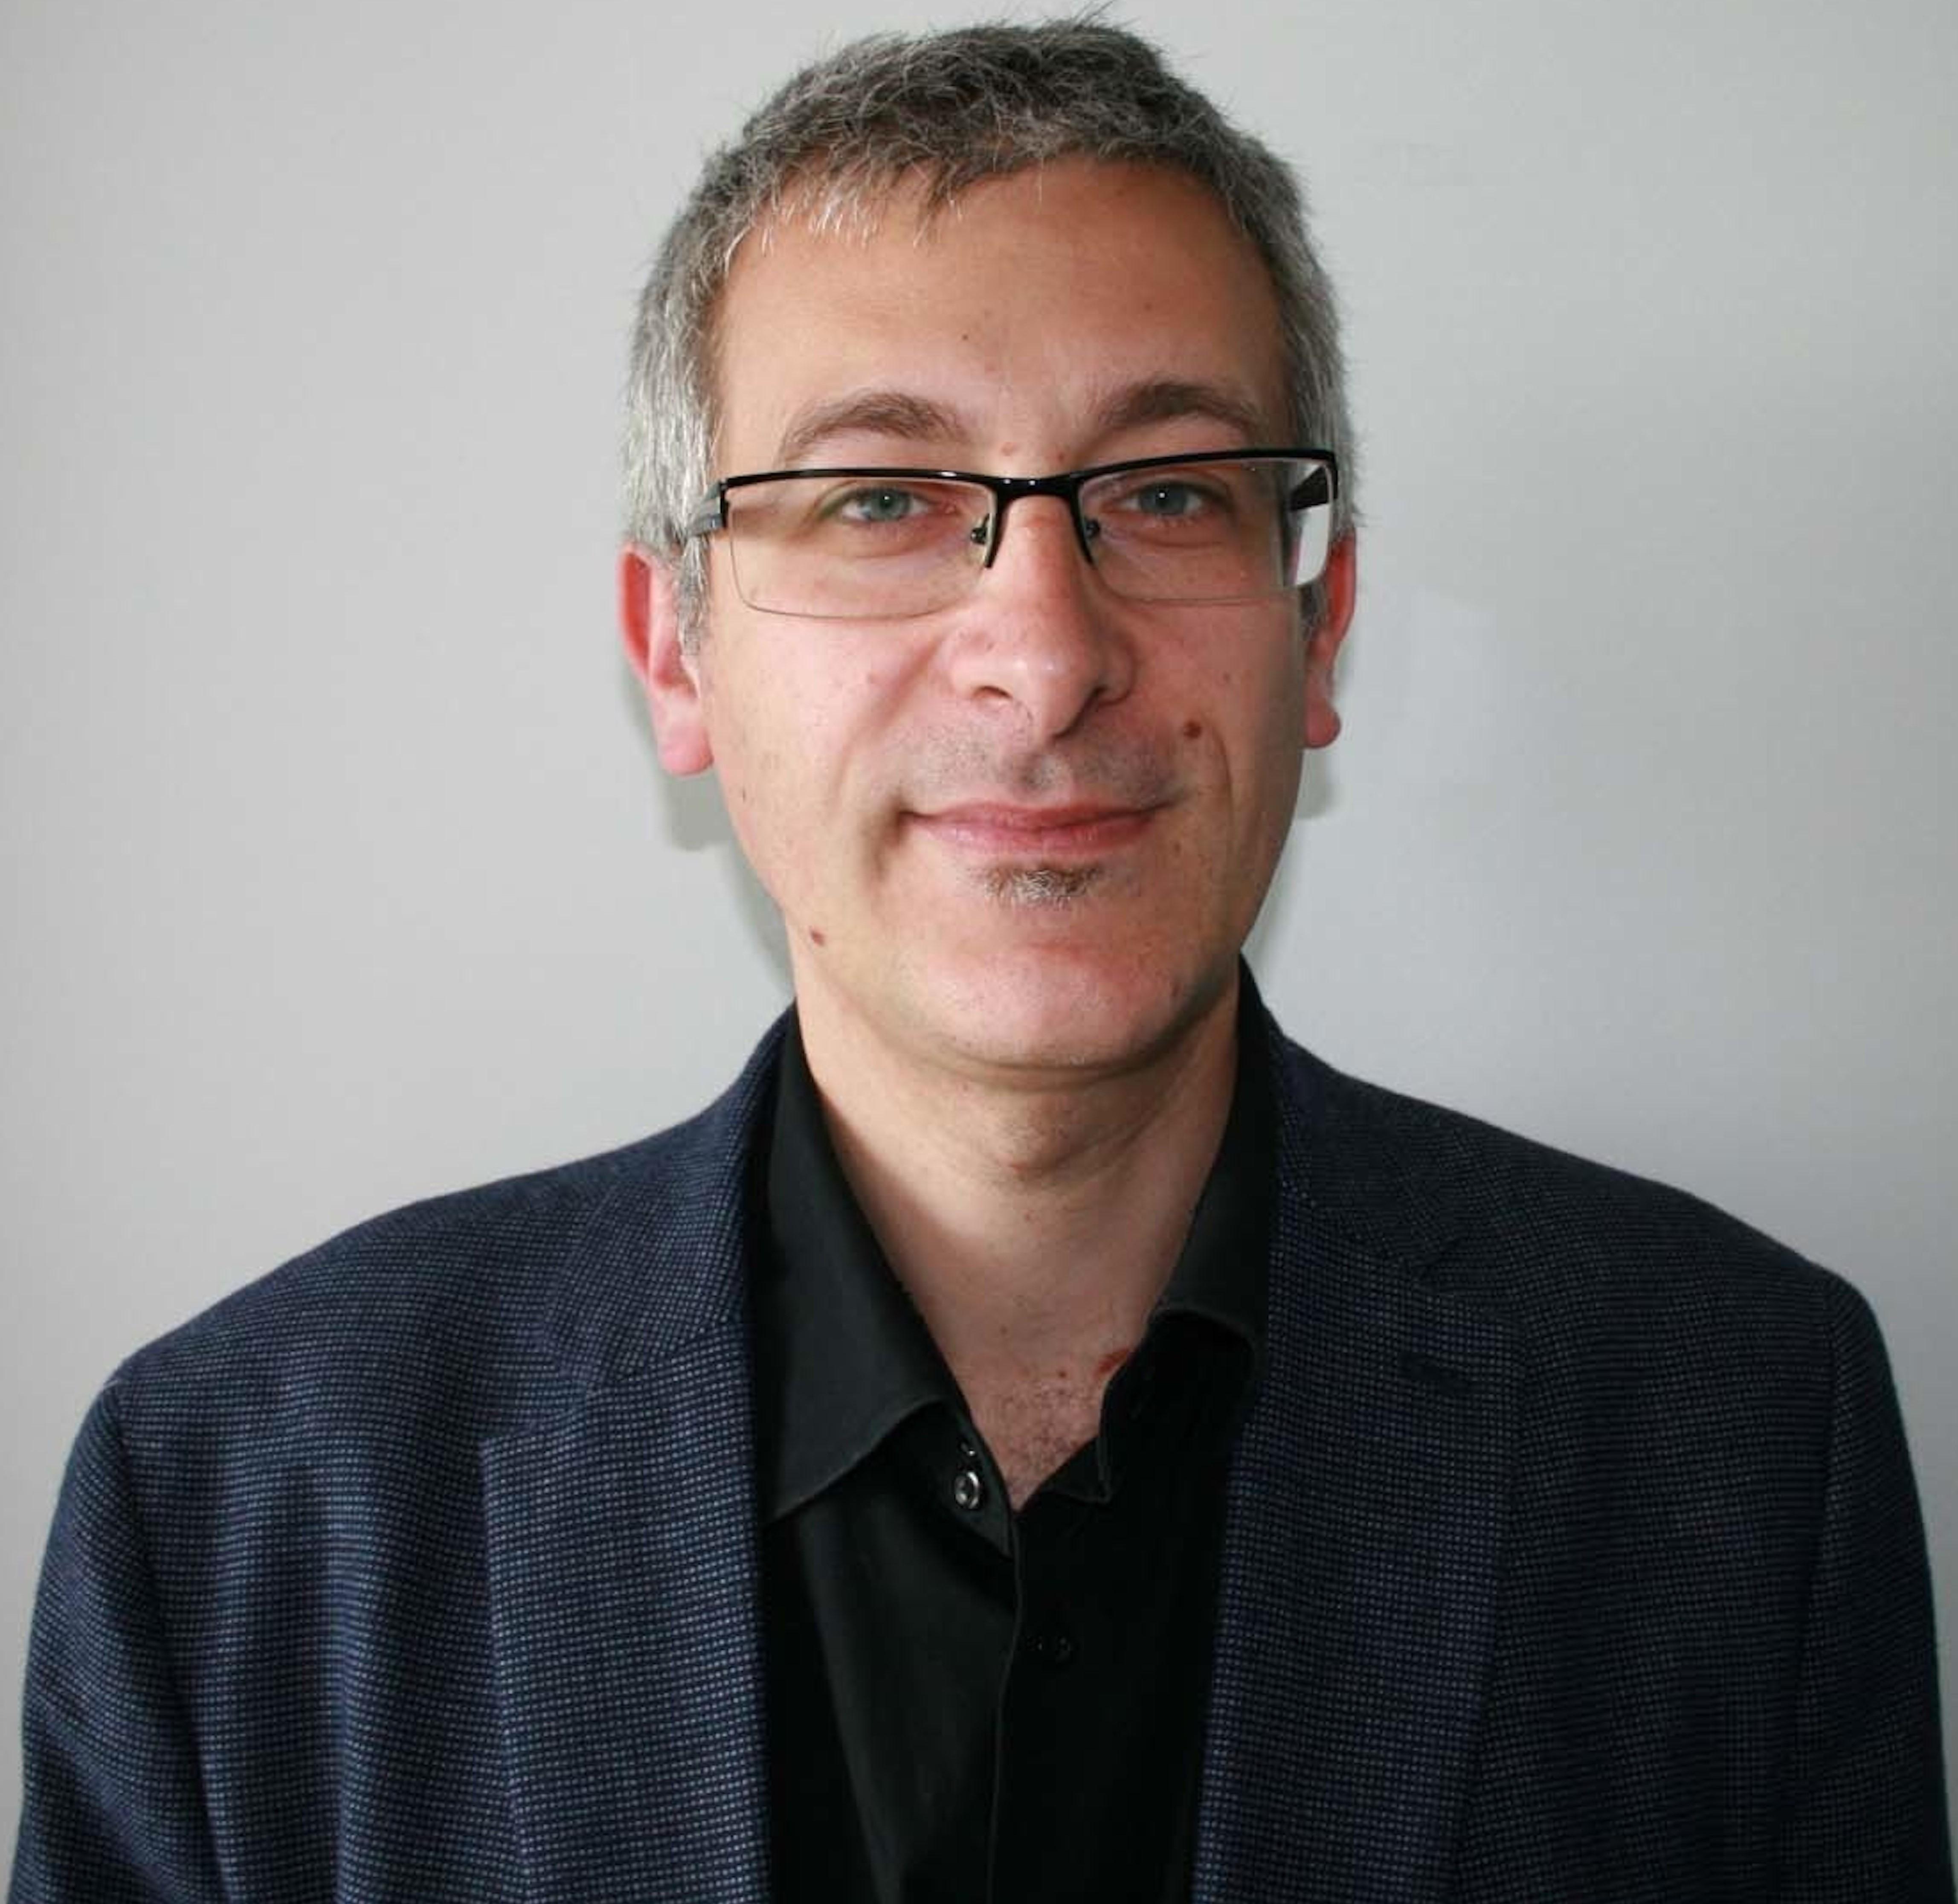 Fabio La Rocca